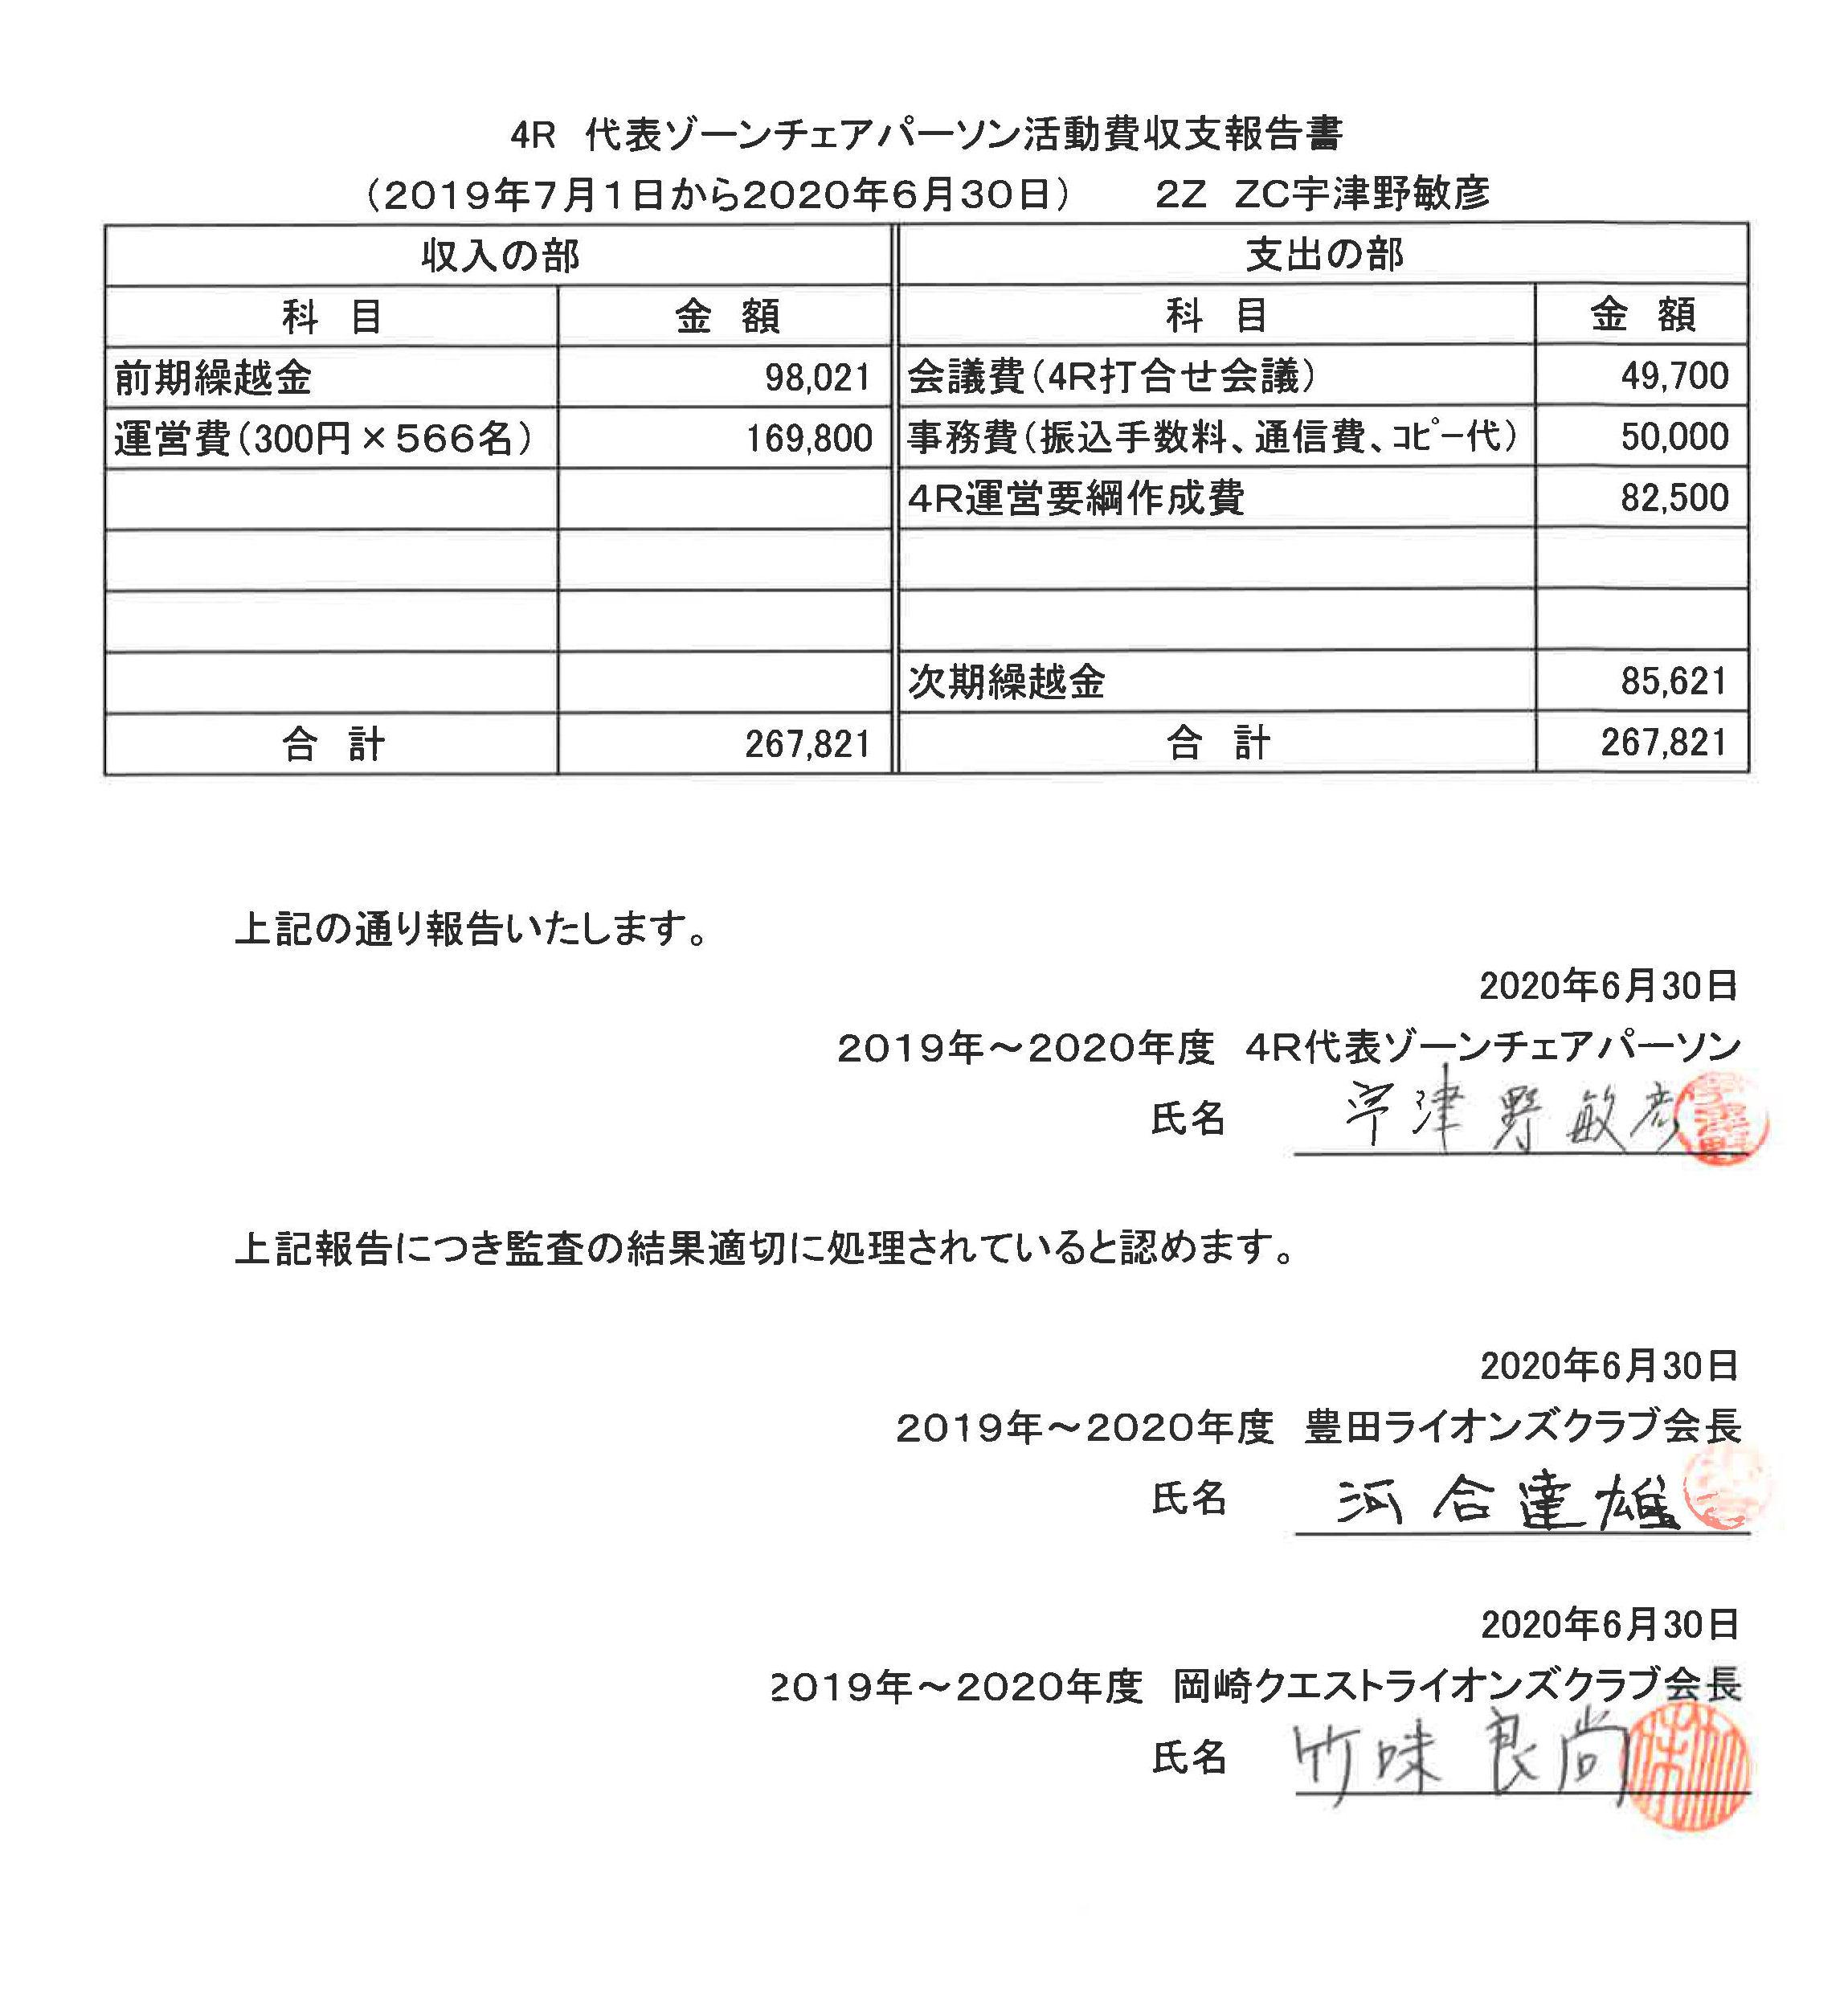 02 4R代表ゾーンチェアパーソン活動費収支報告書